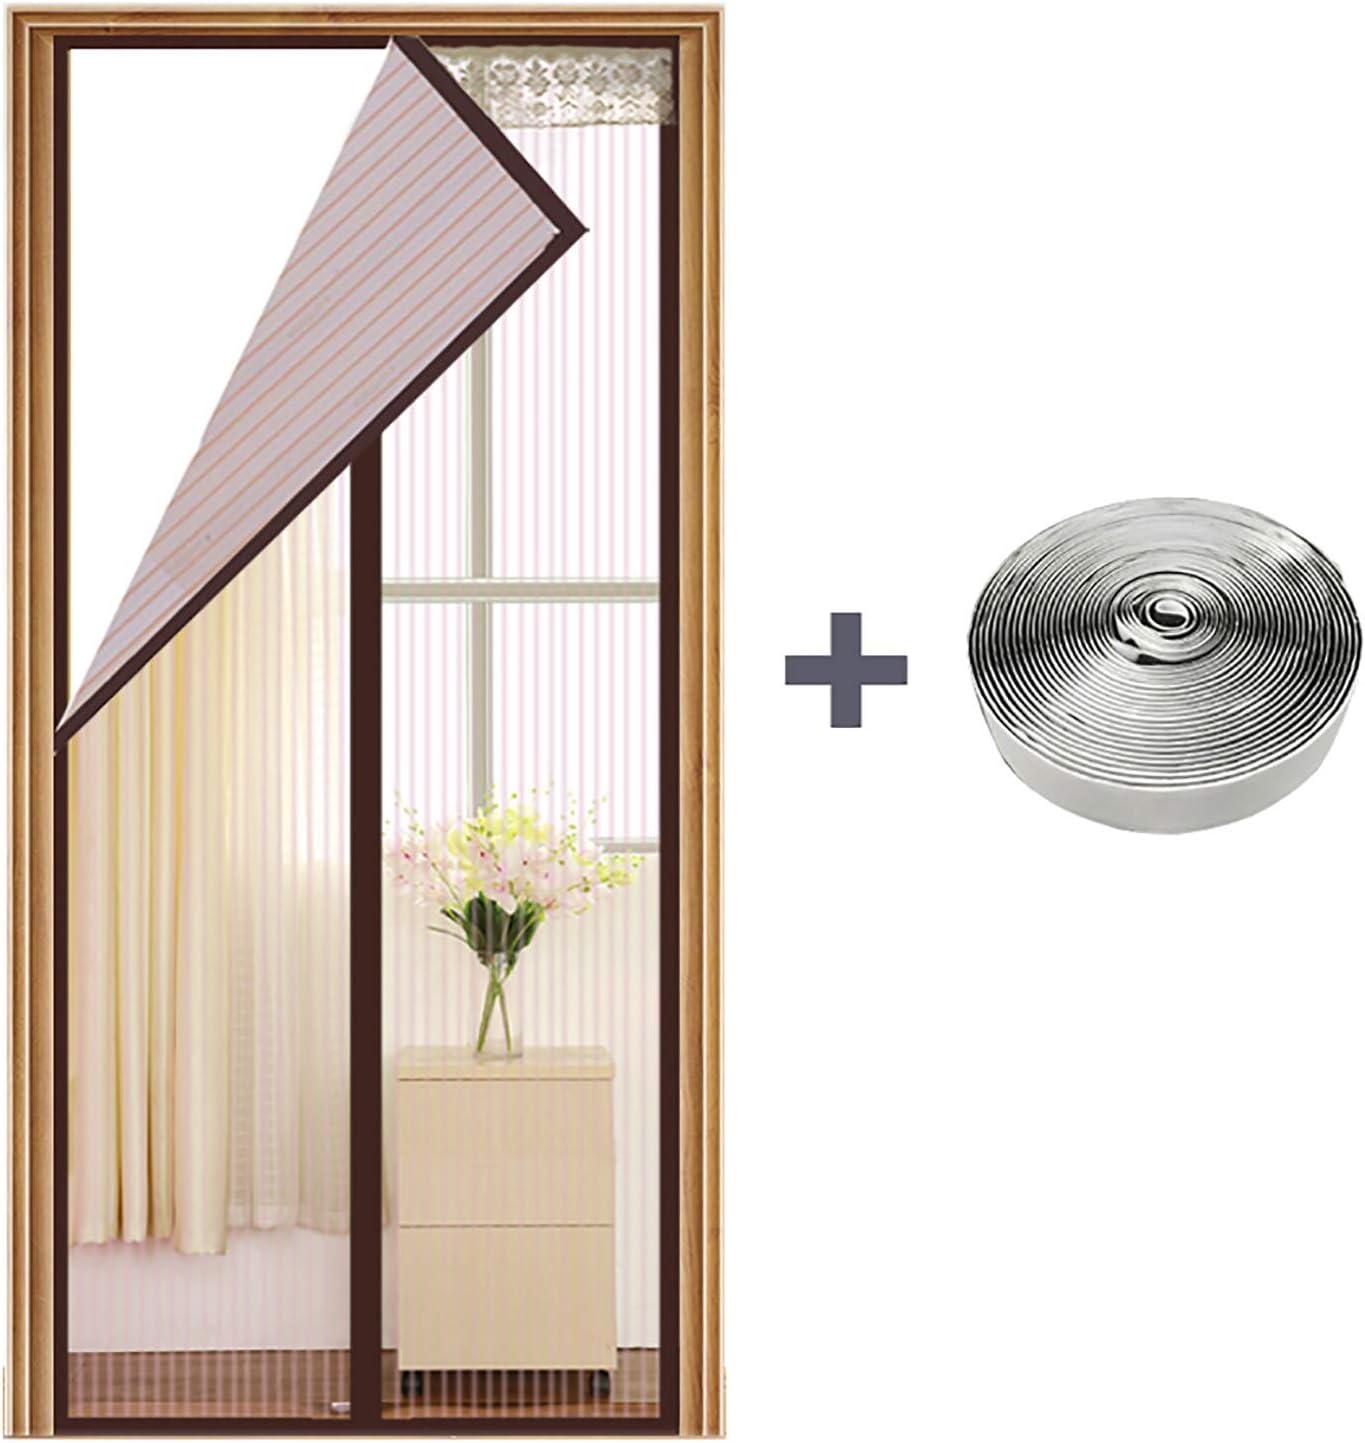 AQAWAS Puertas de pantalla con imanes, cortina de malla magnética con cierre automático para puerta francesa, puerta de cristal, puerta de patio: Amazon.es: Bricolaje y herramientas